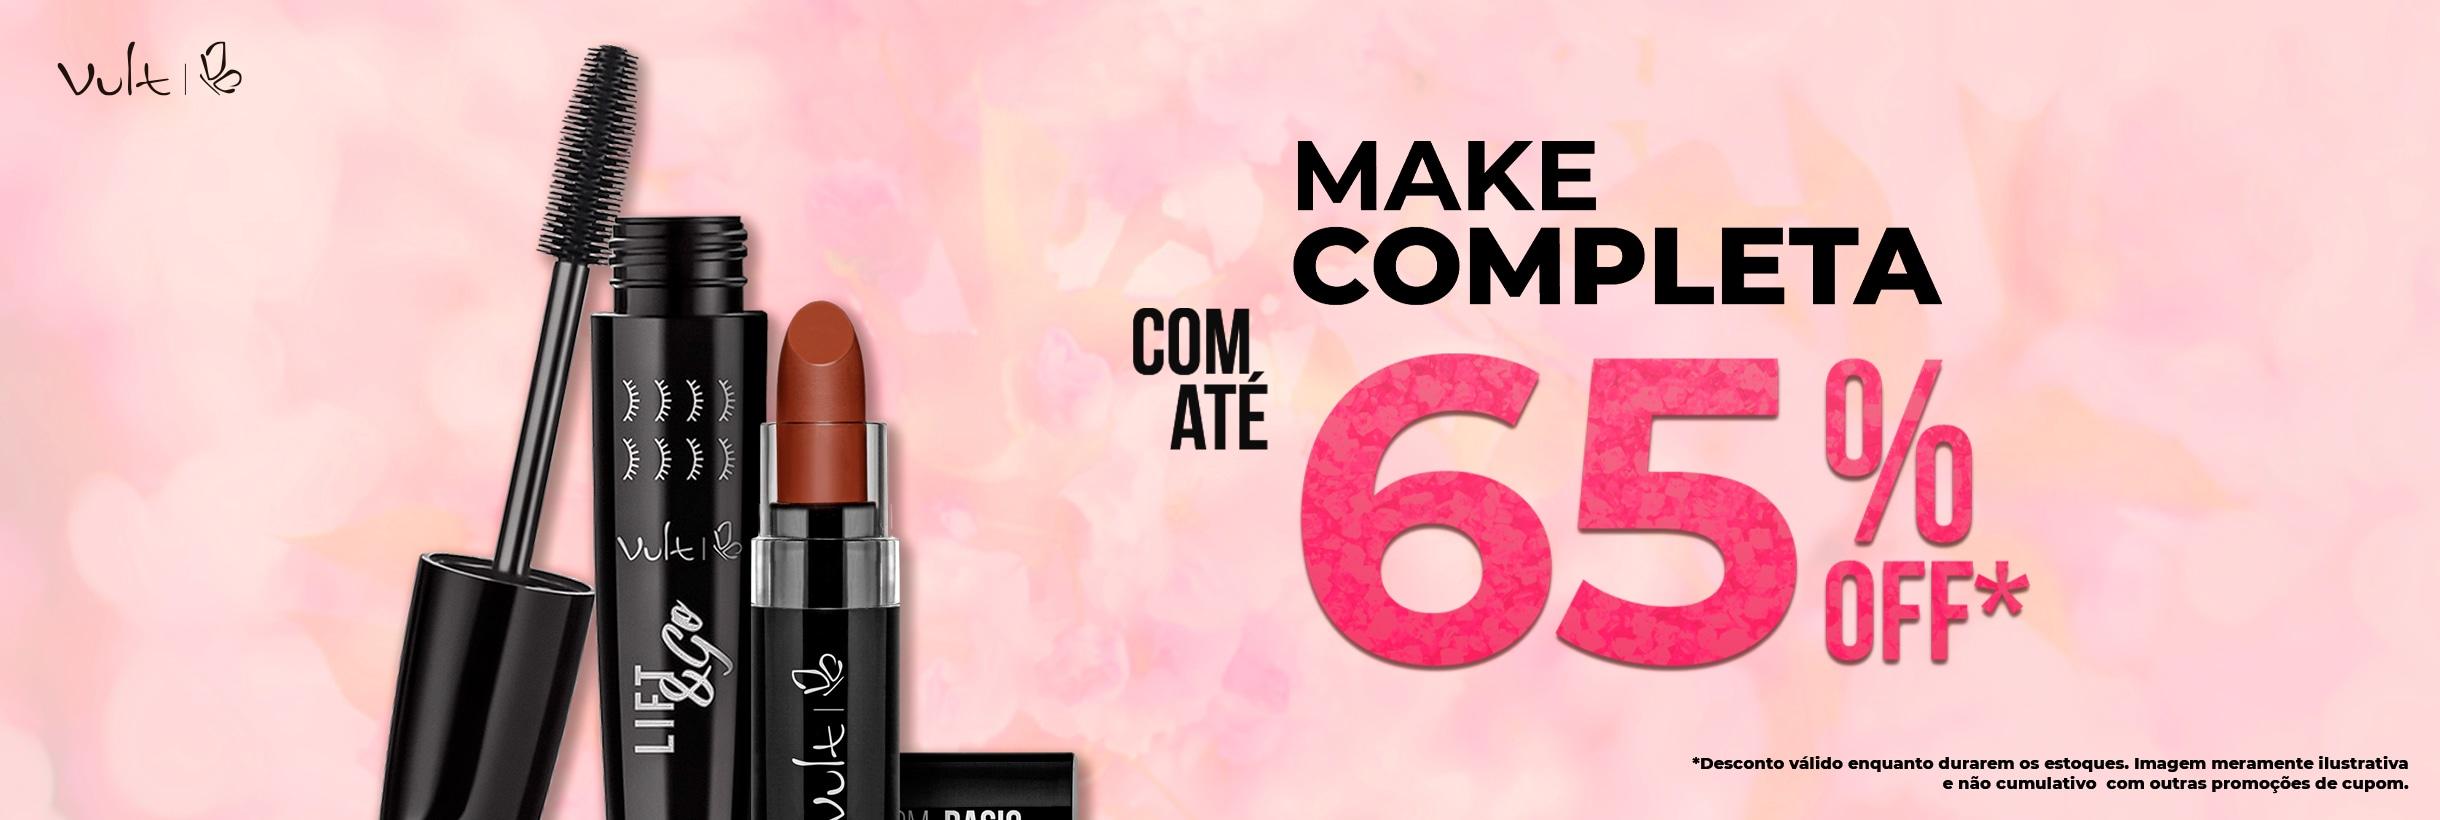 Make Completa com até 65%OFF